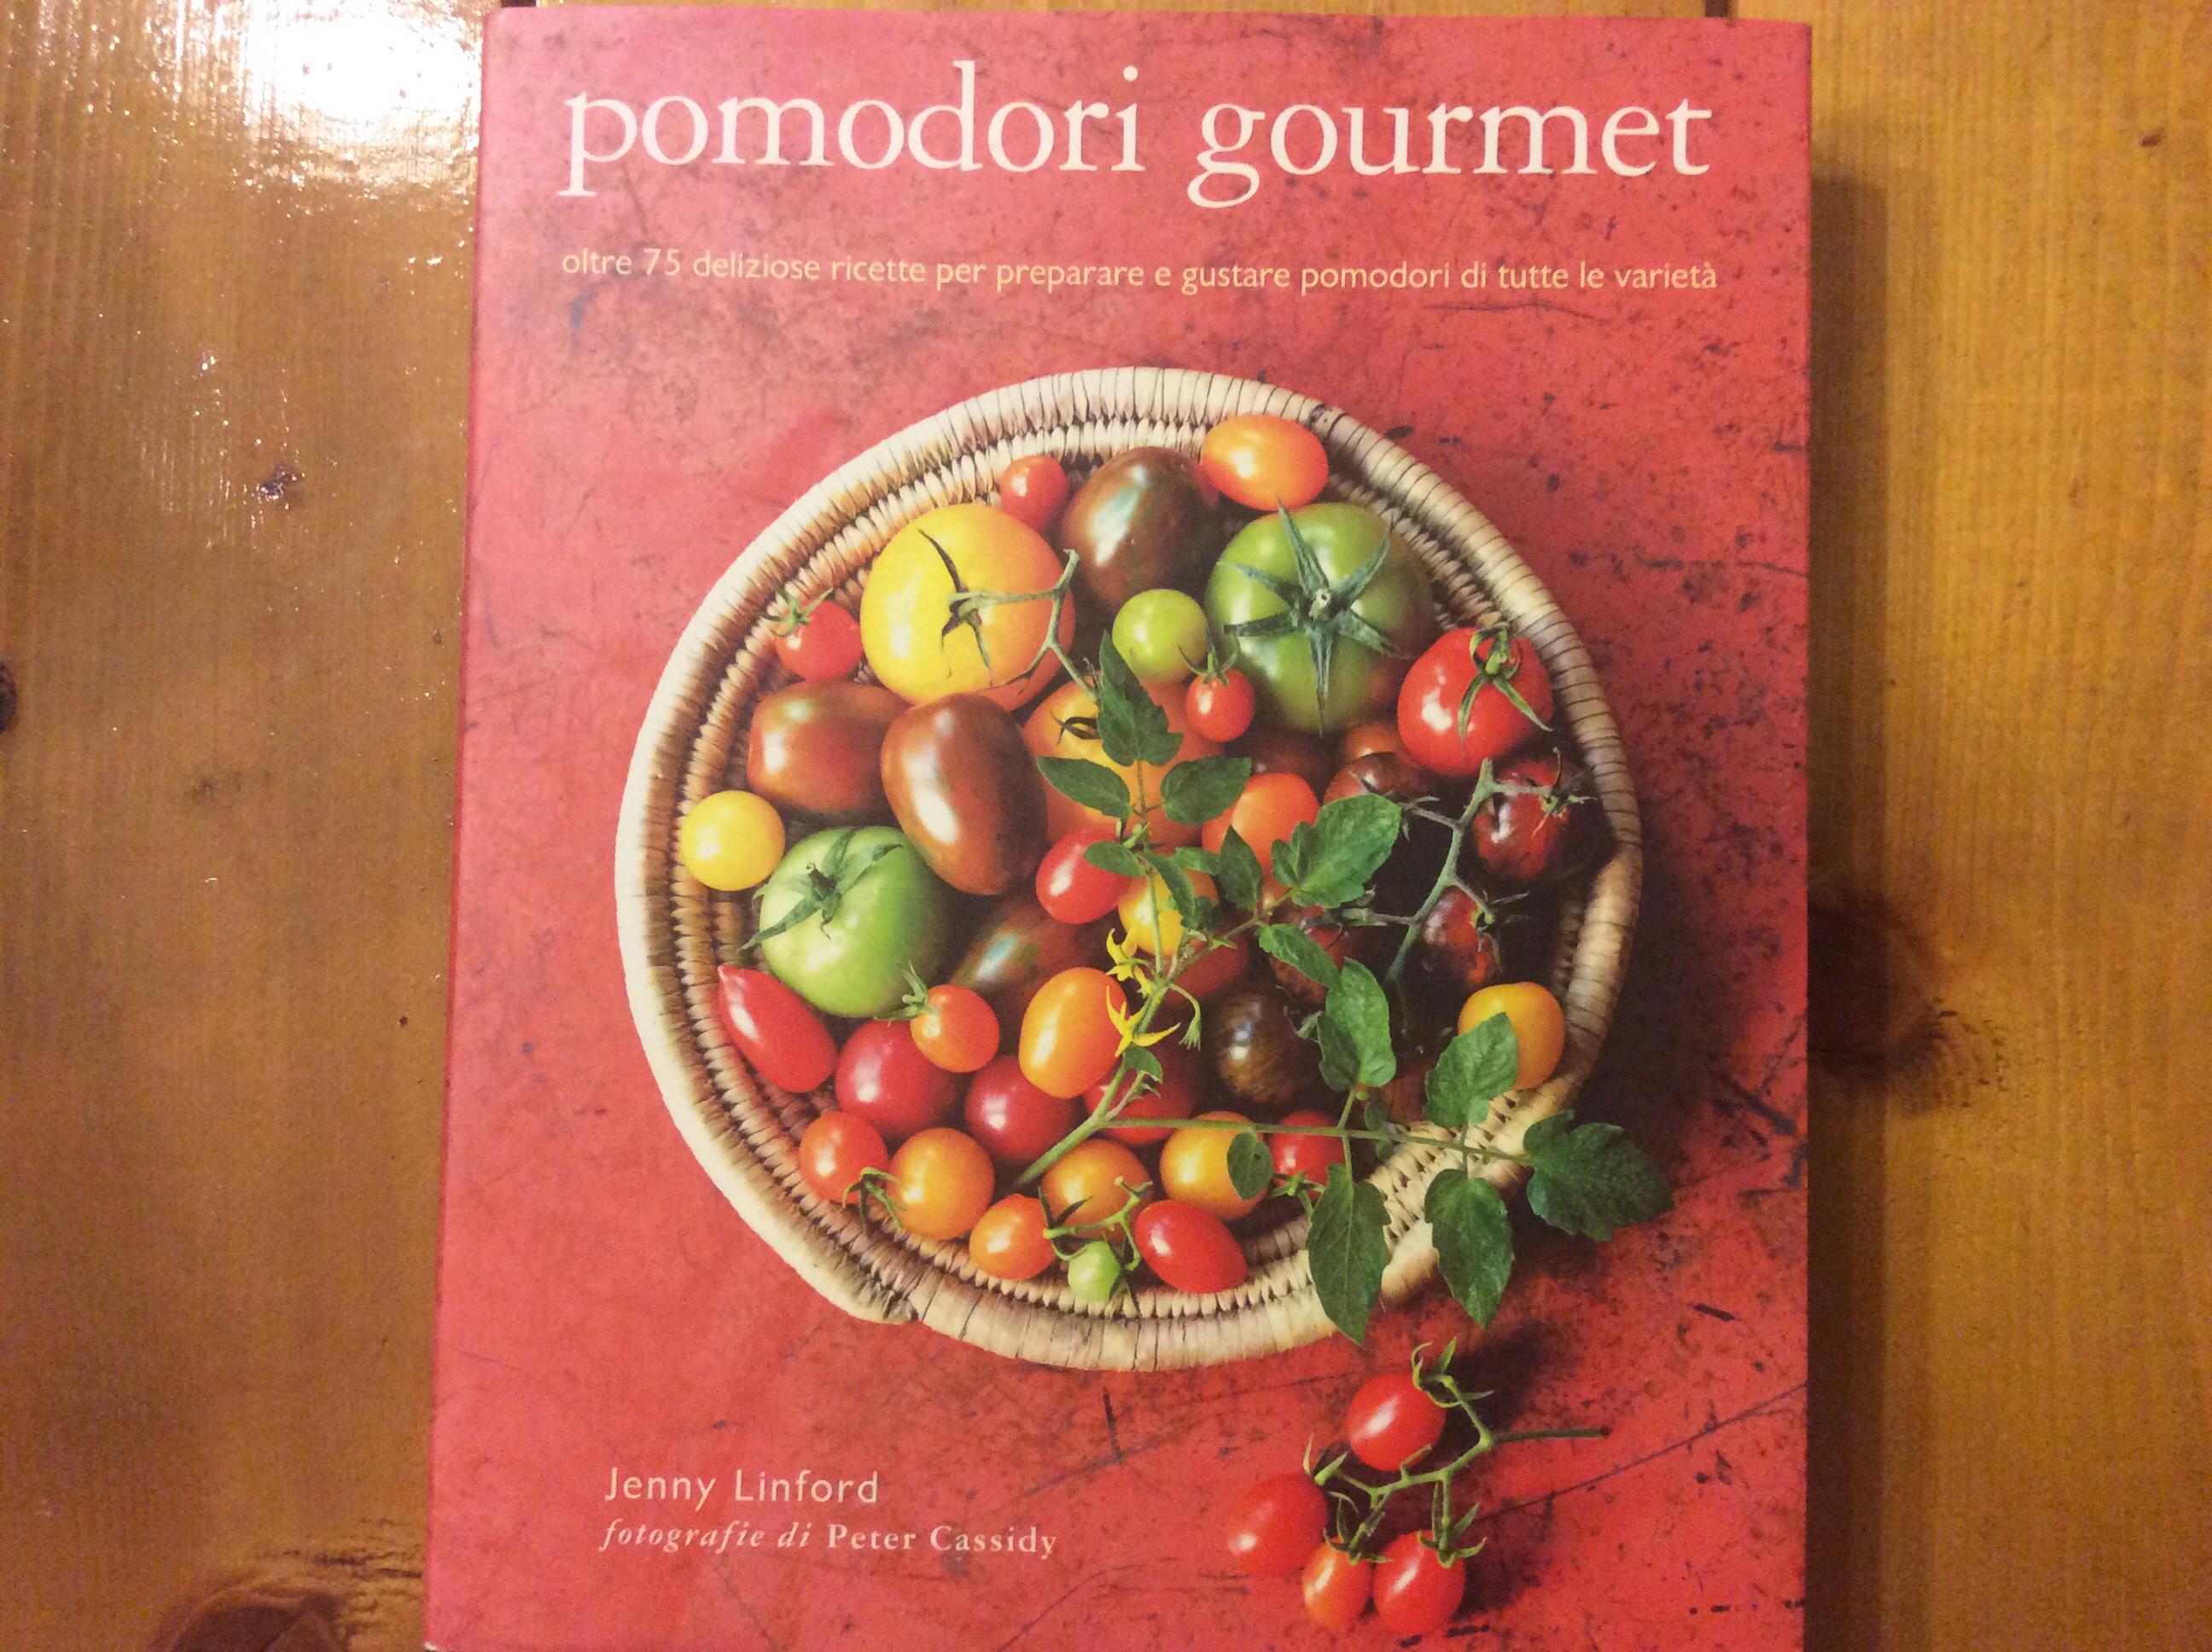 Pomodori gourmet